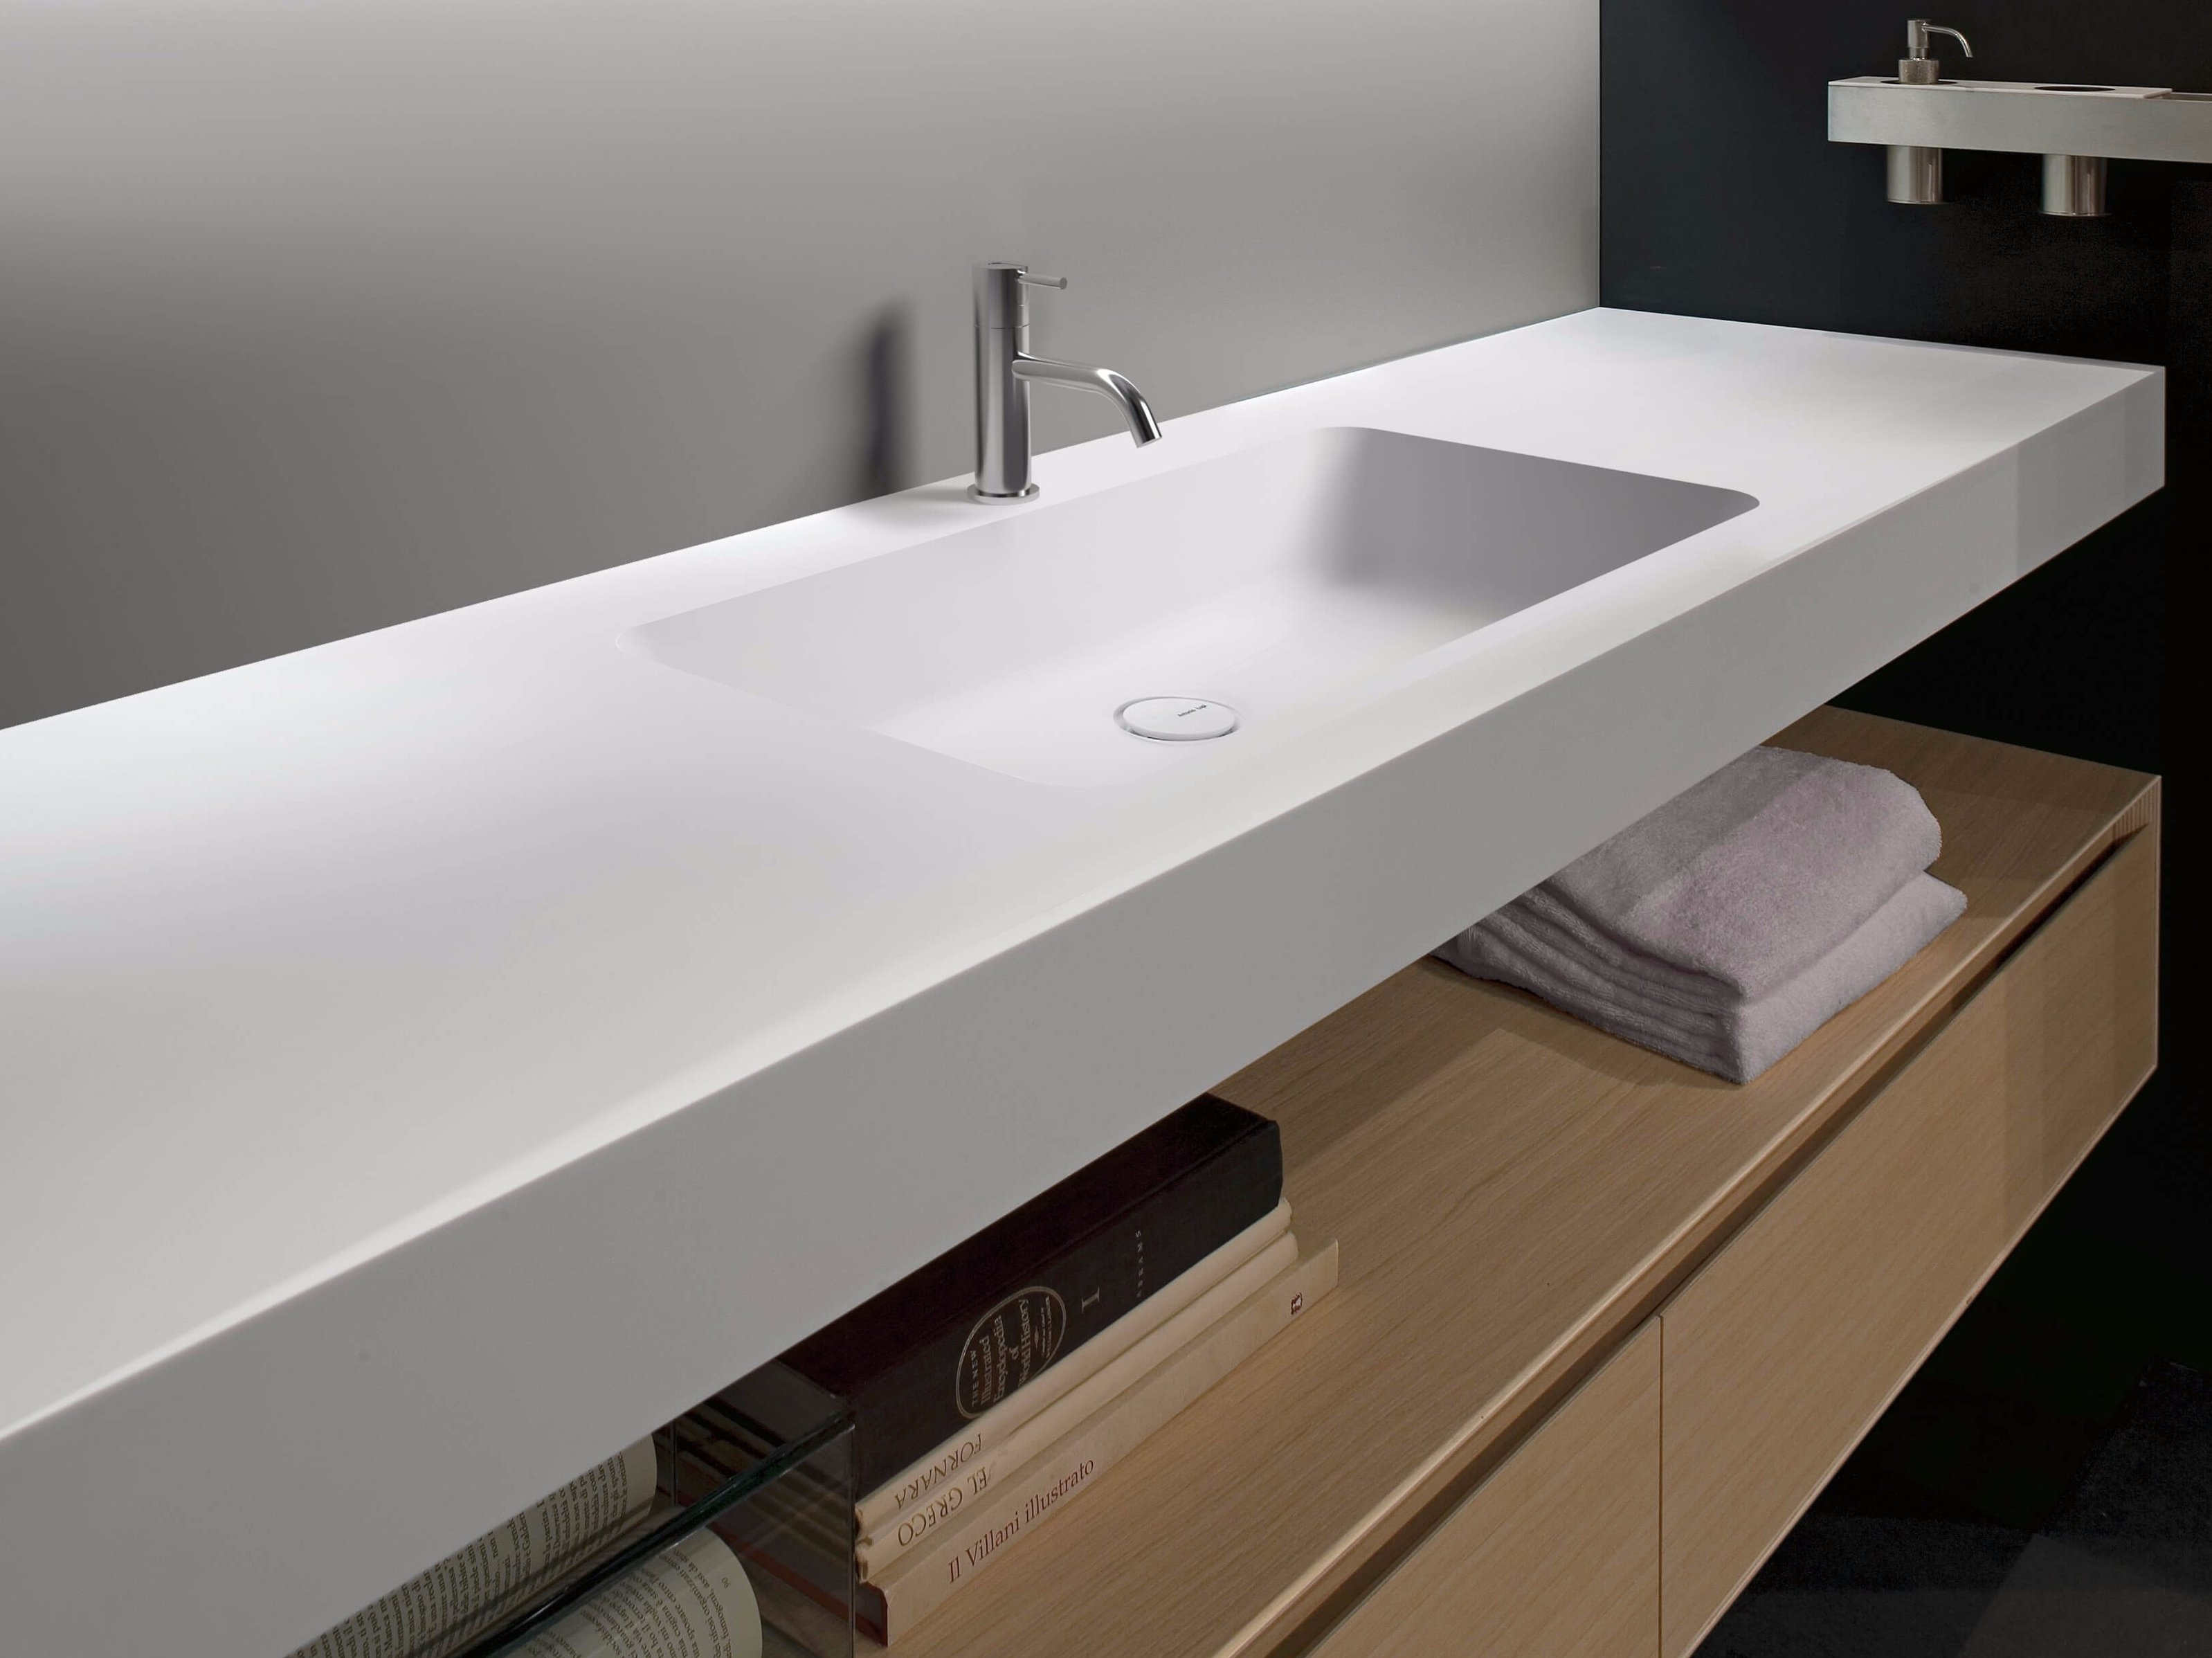 Waschtisch aus corian arco by antonio lupi design design for Design waschtisch